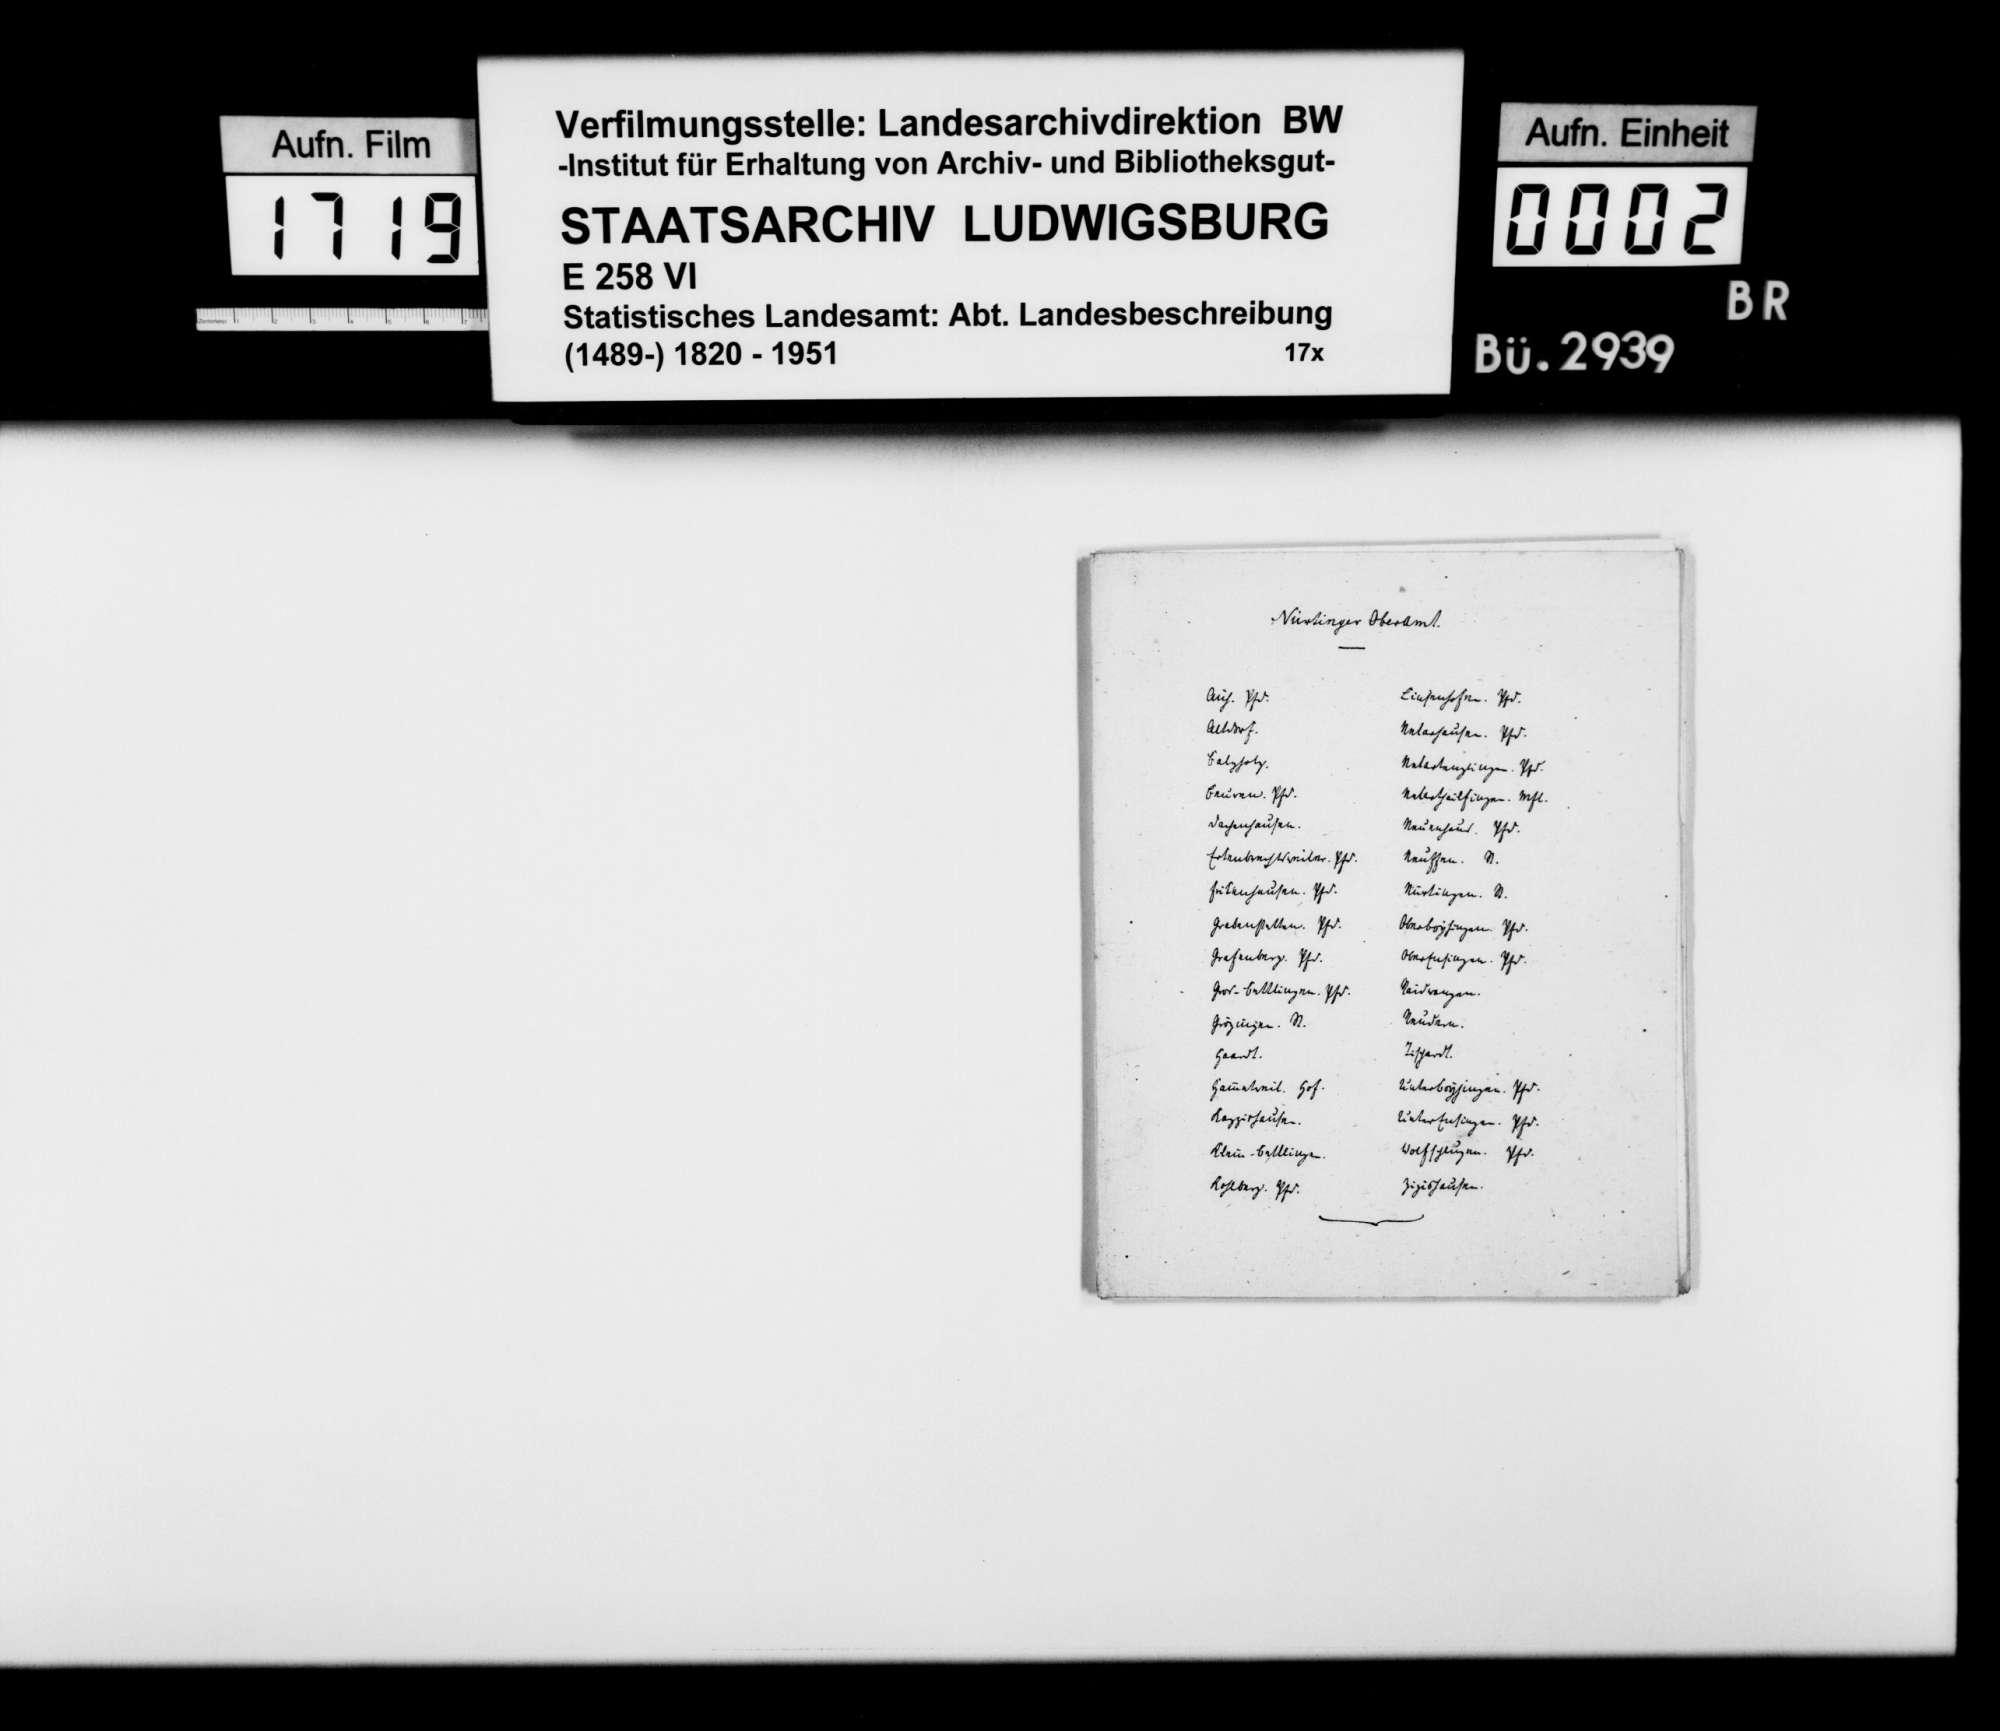 Auszüge des Buchhalters Weber aus den Kollektaneen Schmidlins im Staatsarchiv Stuttgart zu den Herren von Tachenhausen, zu Rechtsgeschäften im Oberamtsbezirk v.a. im 14./15. Jh., zu den Orten Aich, Altdorf, Balzholz, Beuren und Tachenhausen, sowie eine Zusammenstellung der Pfarrer, Diakone und Präzeptoren in Nürtingen 1547-1820, Bild 1